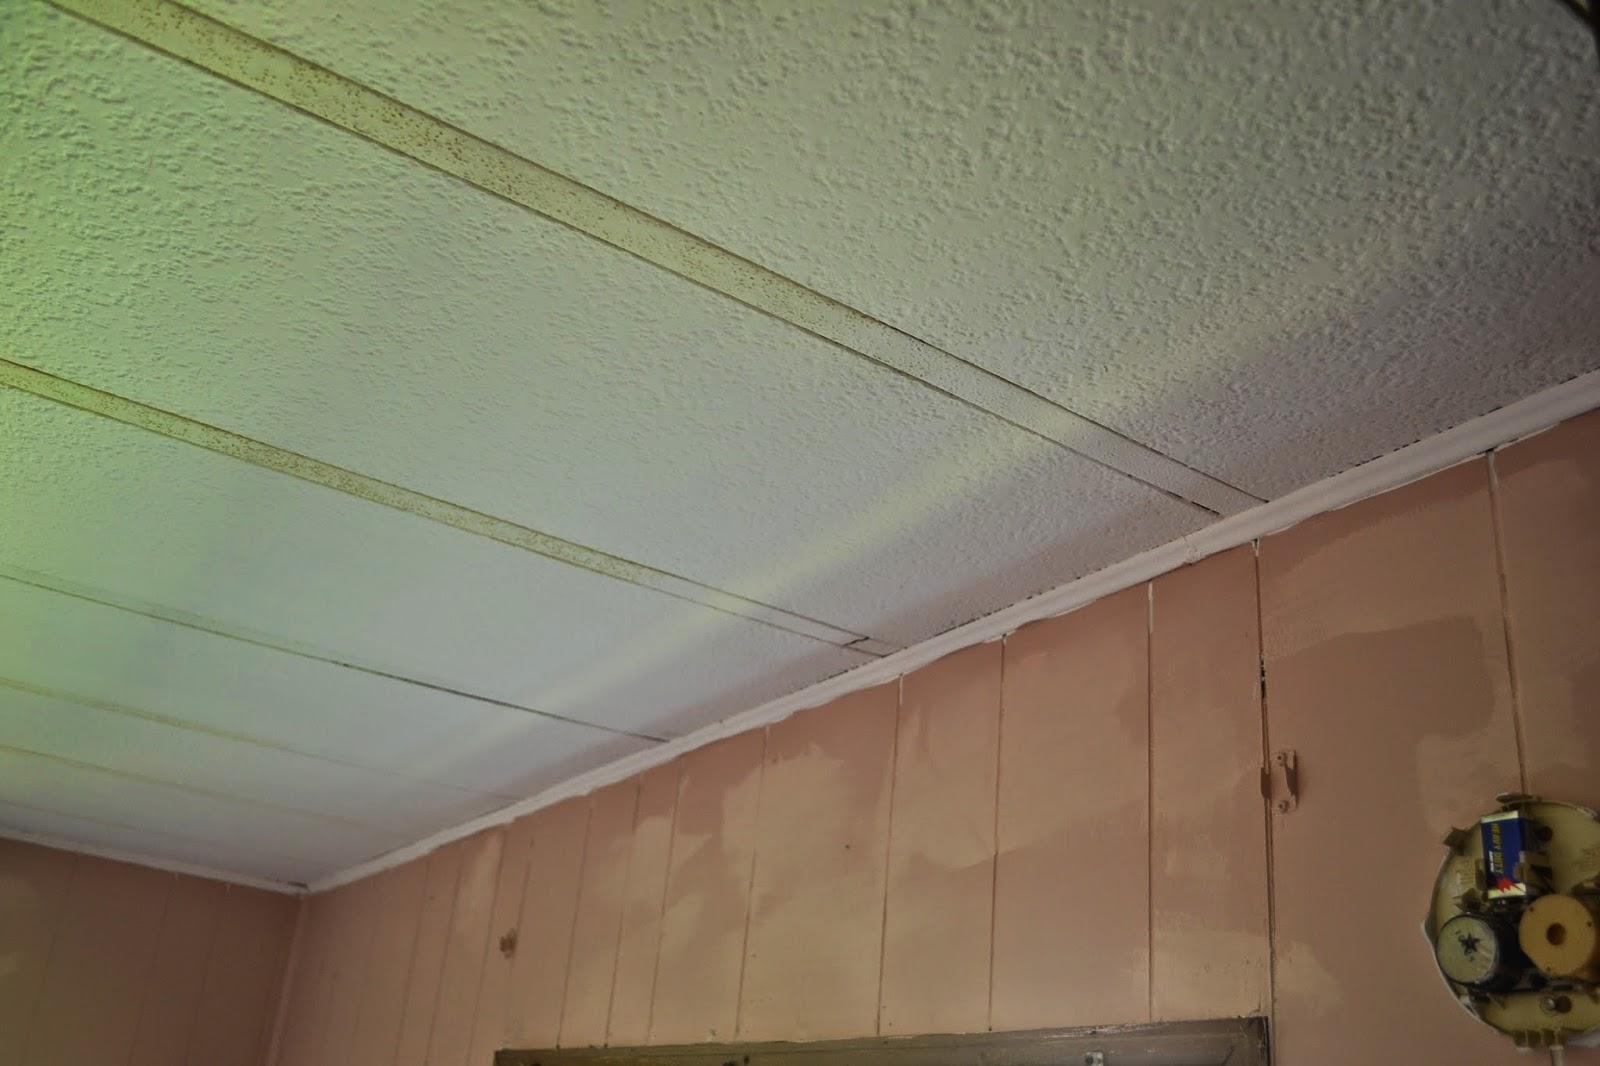 stunning mobile home ceilings 24 photos kaf mobile homes 29188. Black Bedroom Furniture Sets. Home Design Ideas